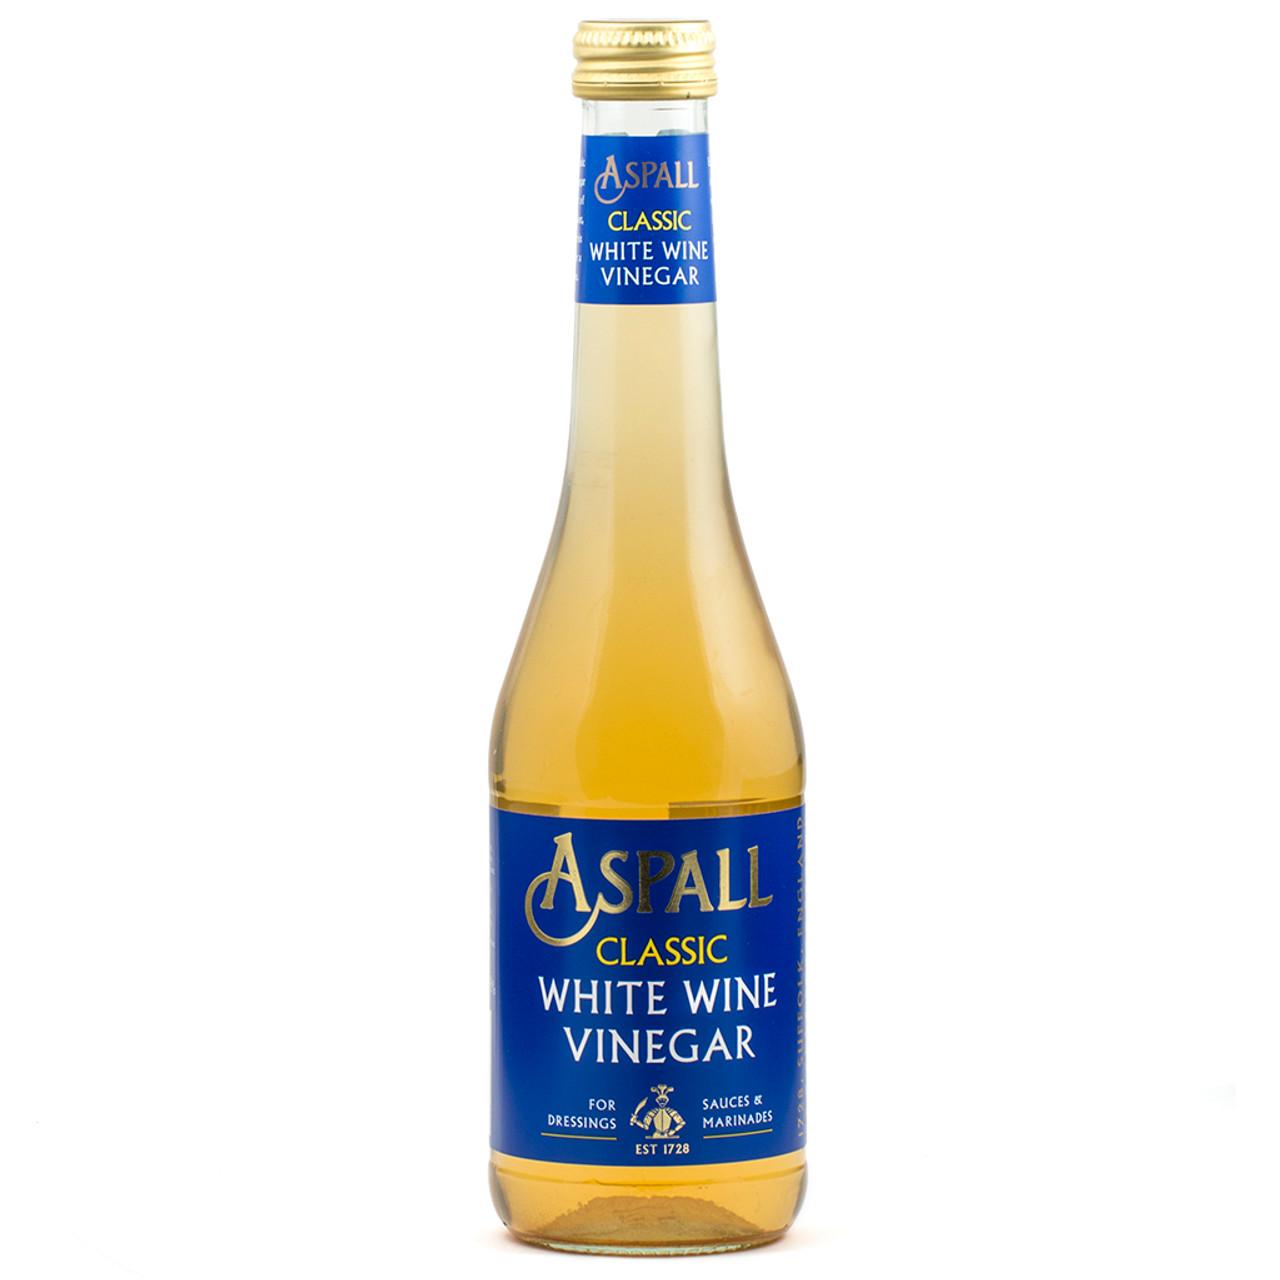 Aspall White Wine Vinegar 500ml